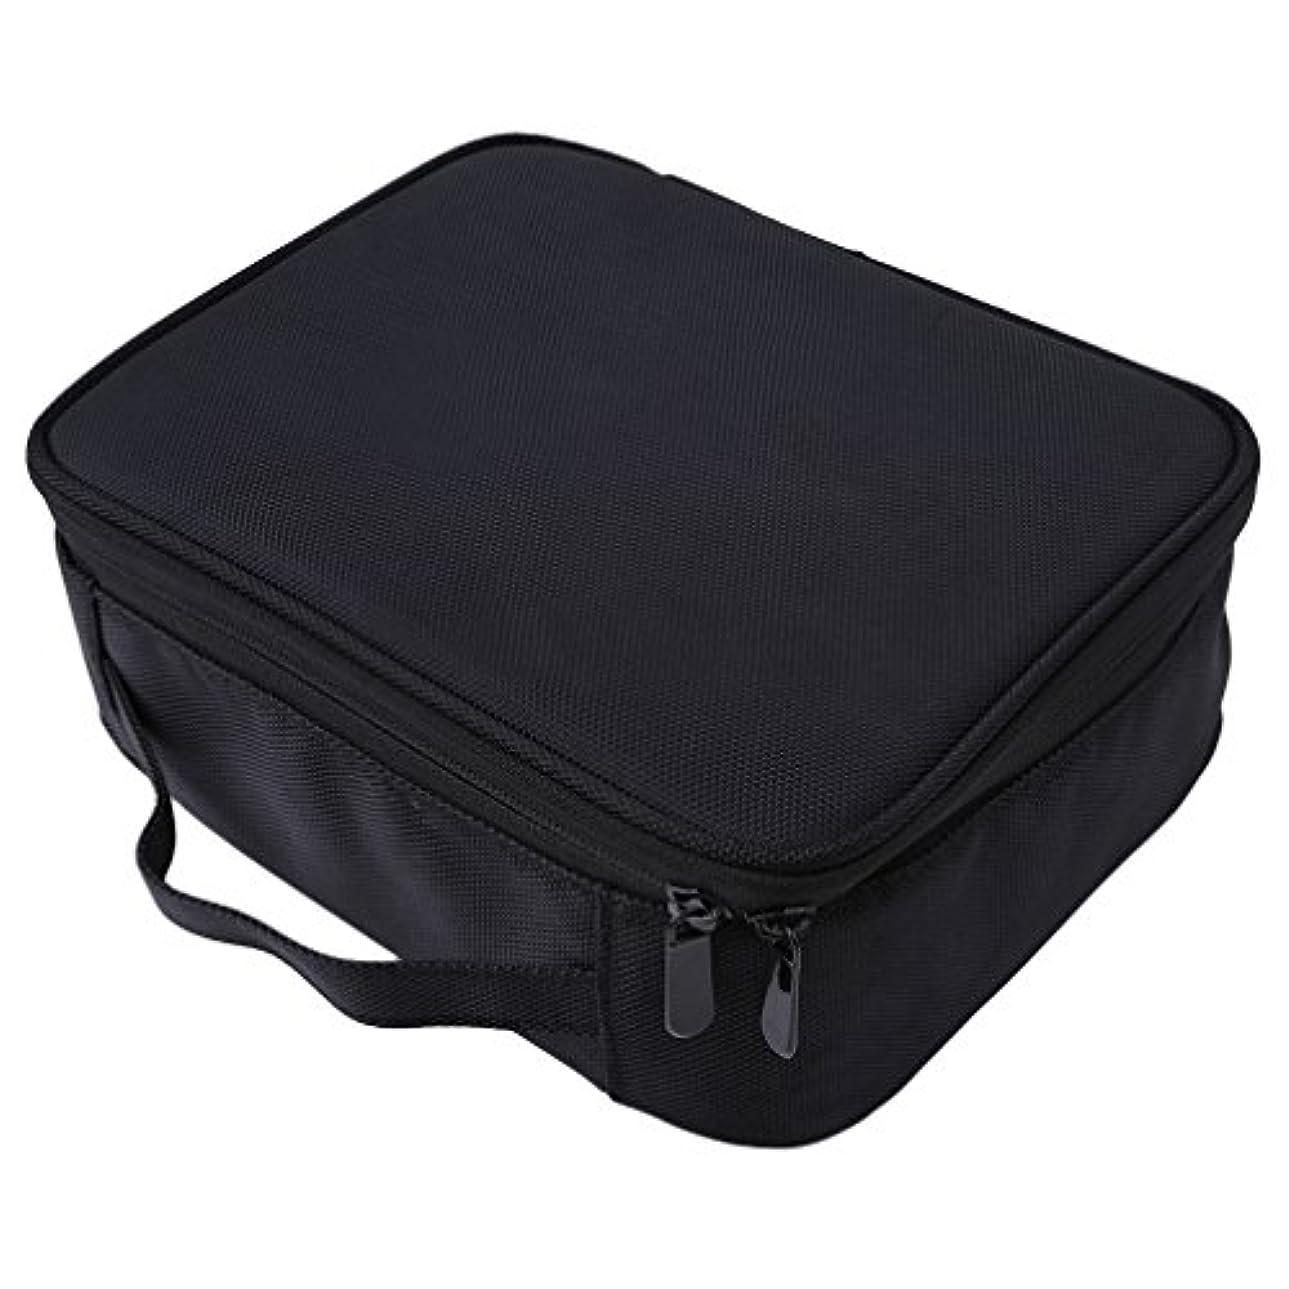 ストローク相互安全LUXWELL(ラクスウェル) メイクボックス プロ用 コスメボックス 大容量 軽量 メイク道具 化粧品収納 小物入れ 持ち運び 3way 収納ケース 調整仕切り板 2色選び (ブラック)